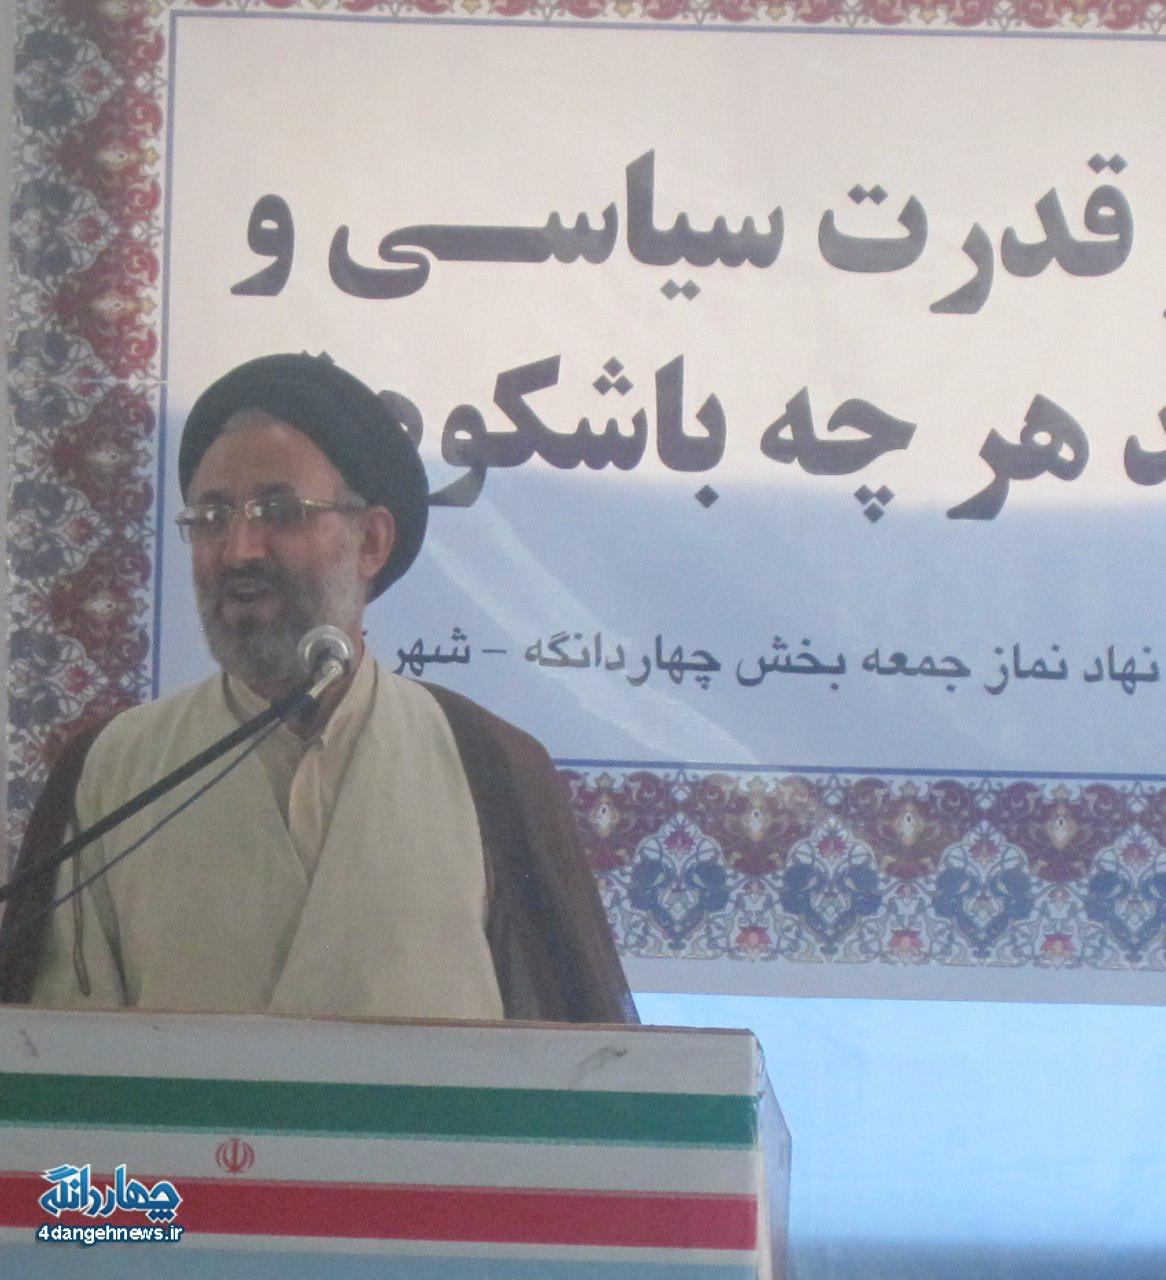 گزارش تصویری دومین جشنواره هلی ترشی مازندران در روستای بالاده